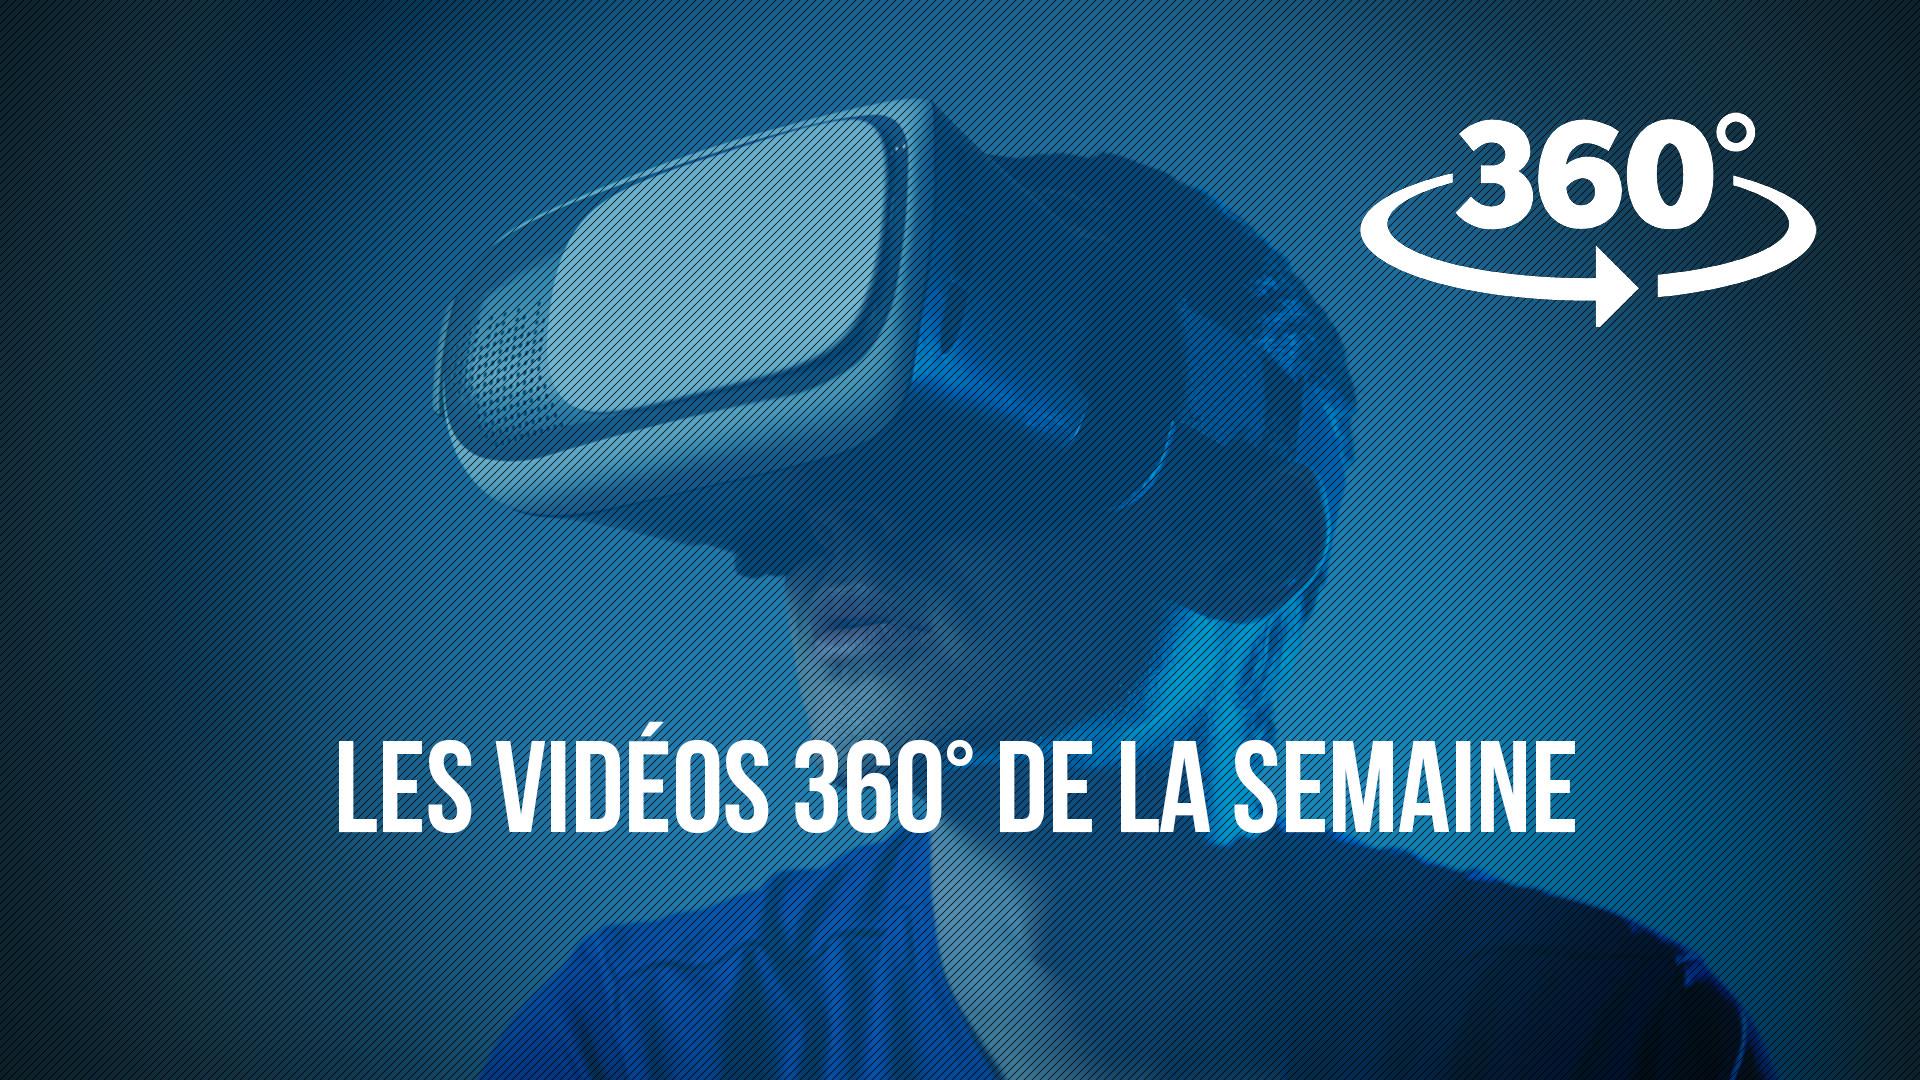 Les vidéos 360° de la semaine